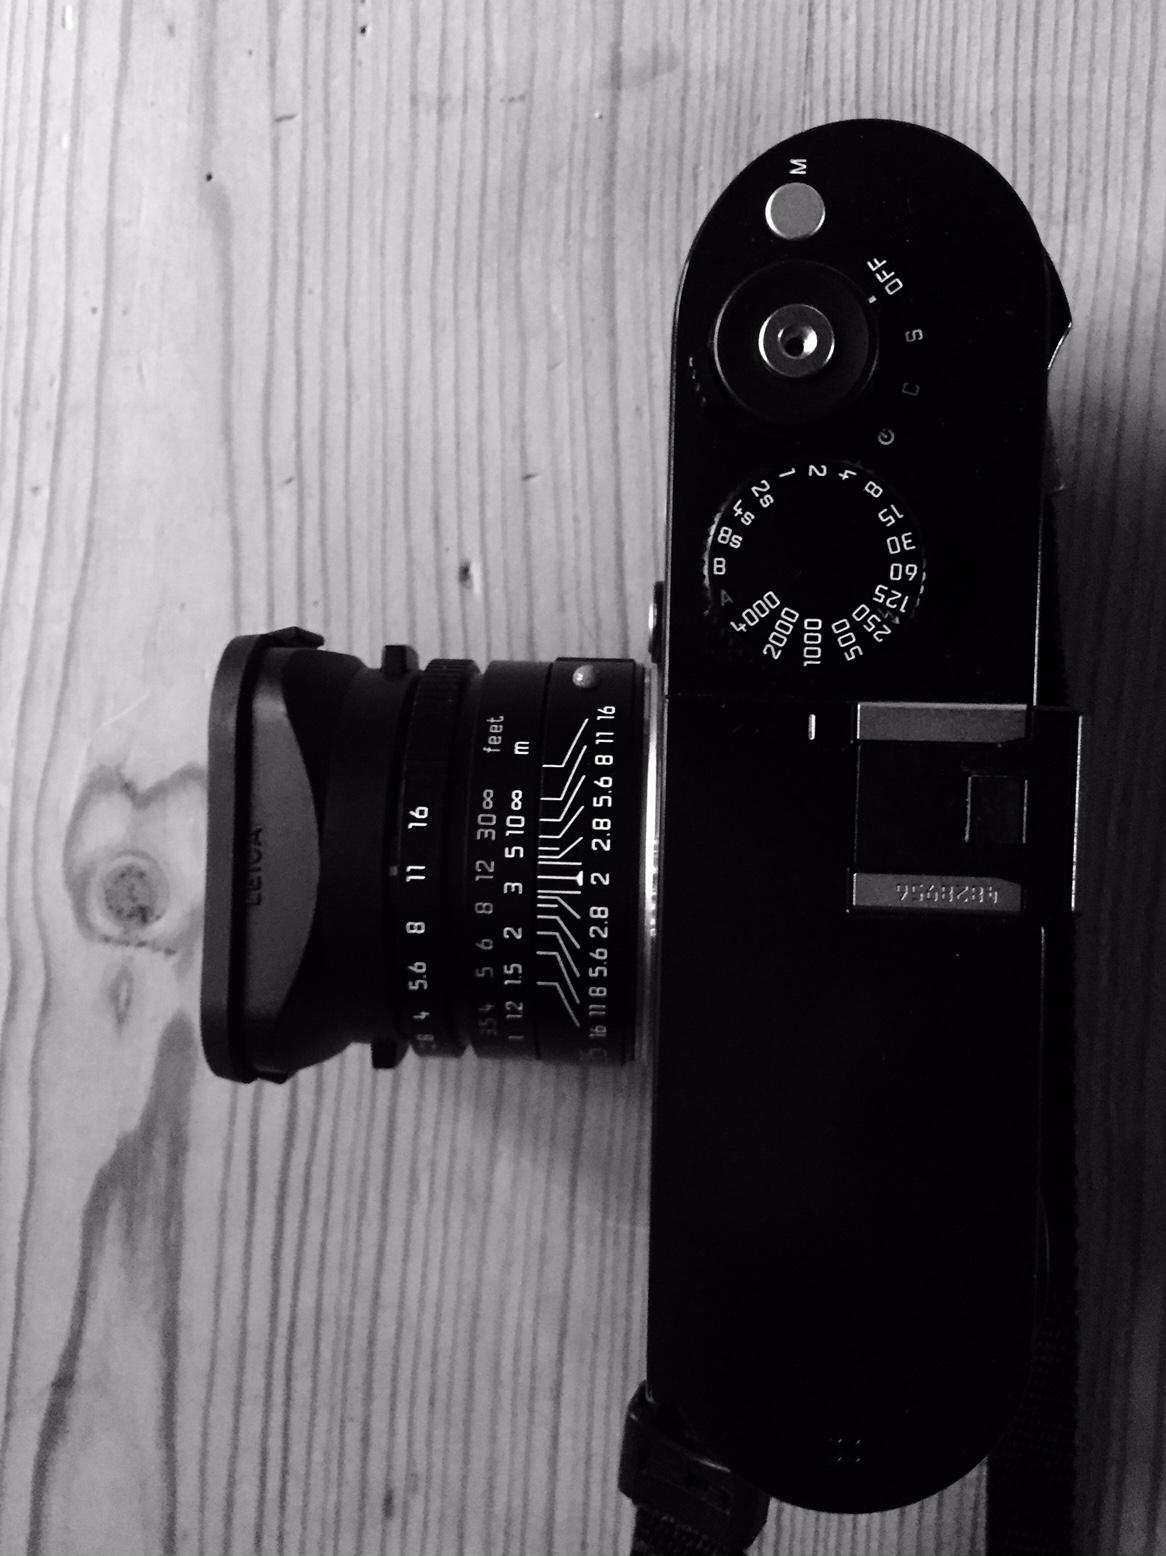 35mm Hyperfocal f/11 1/1000 Shutter